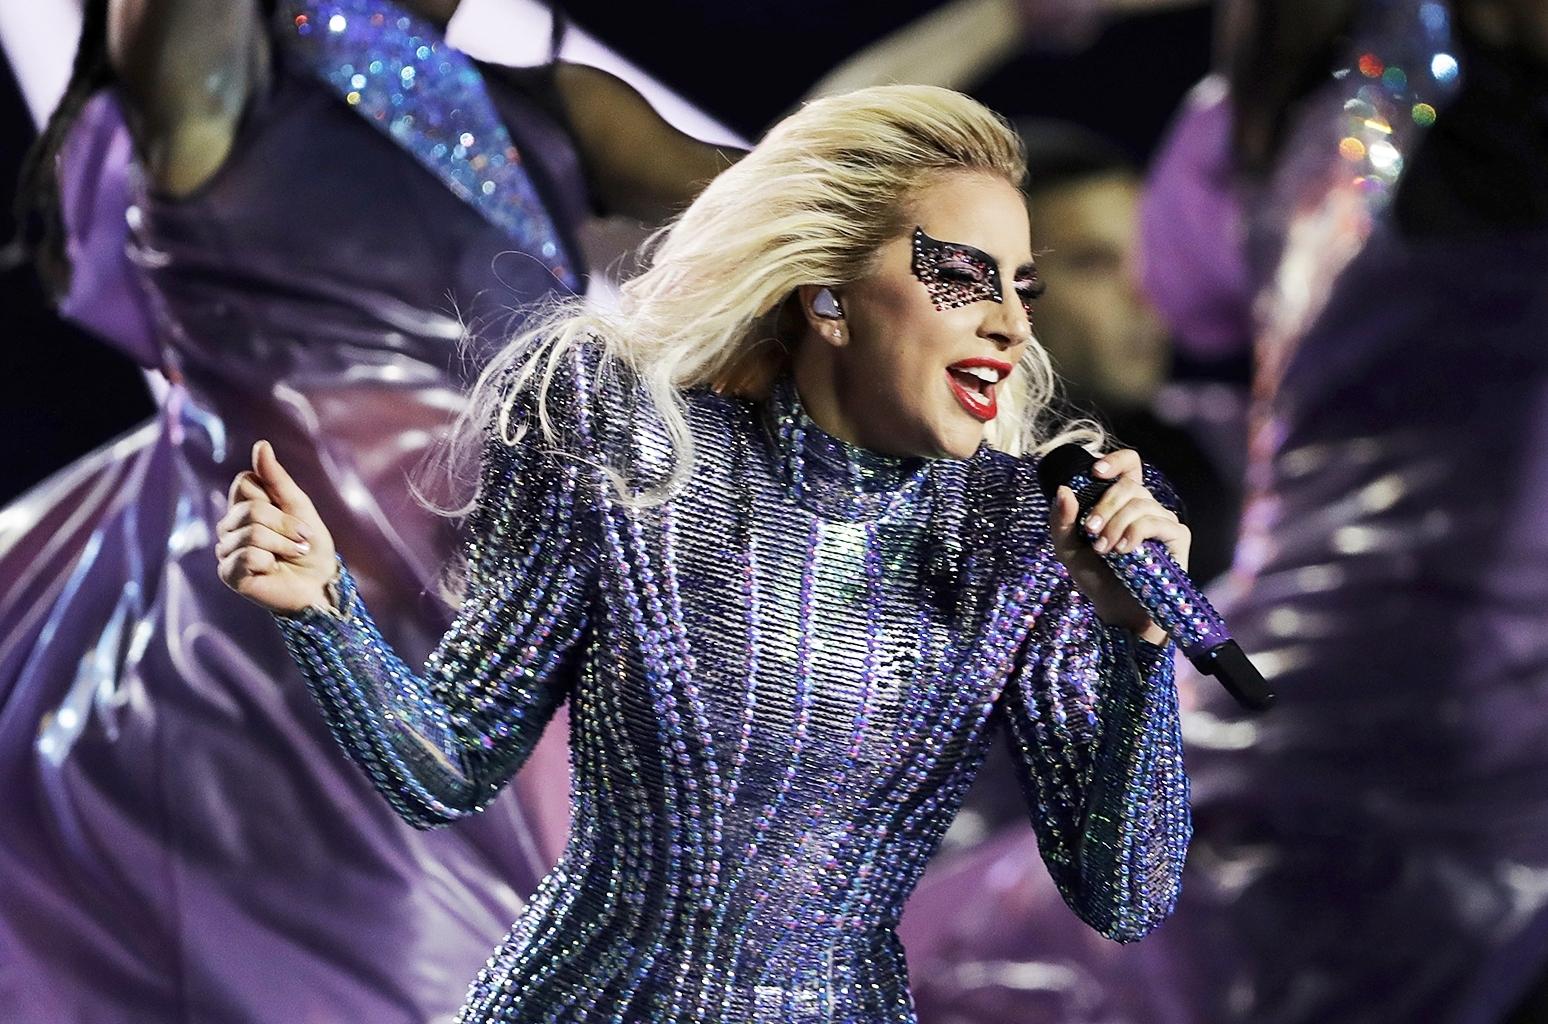 No, Lady Gaga Didn't Burn Trump In Effigy, But Her Super regarding Lady Gaga Super Bowl 2018